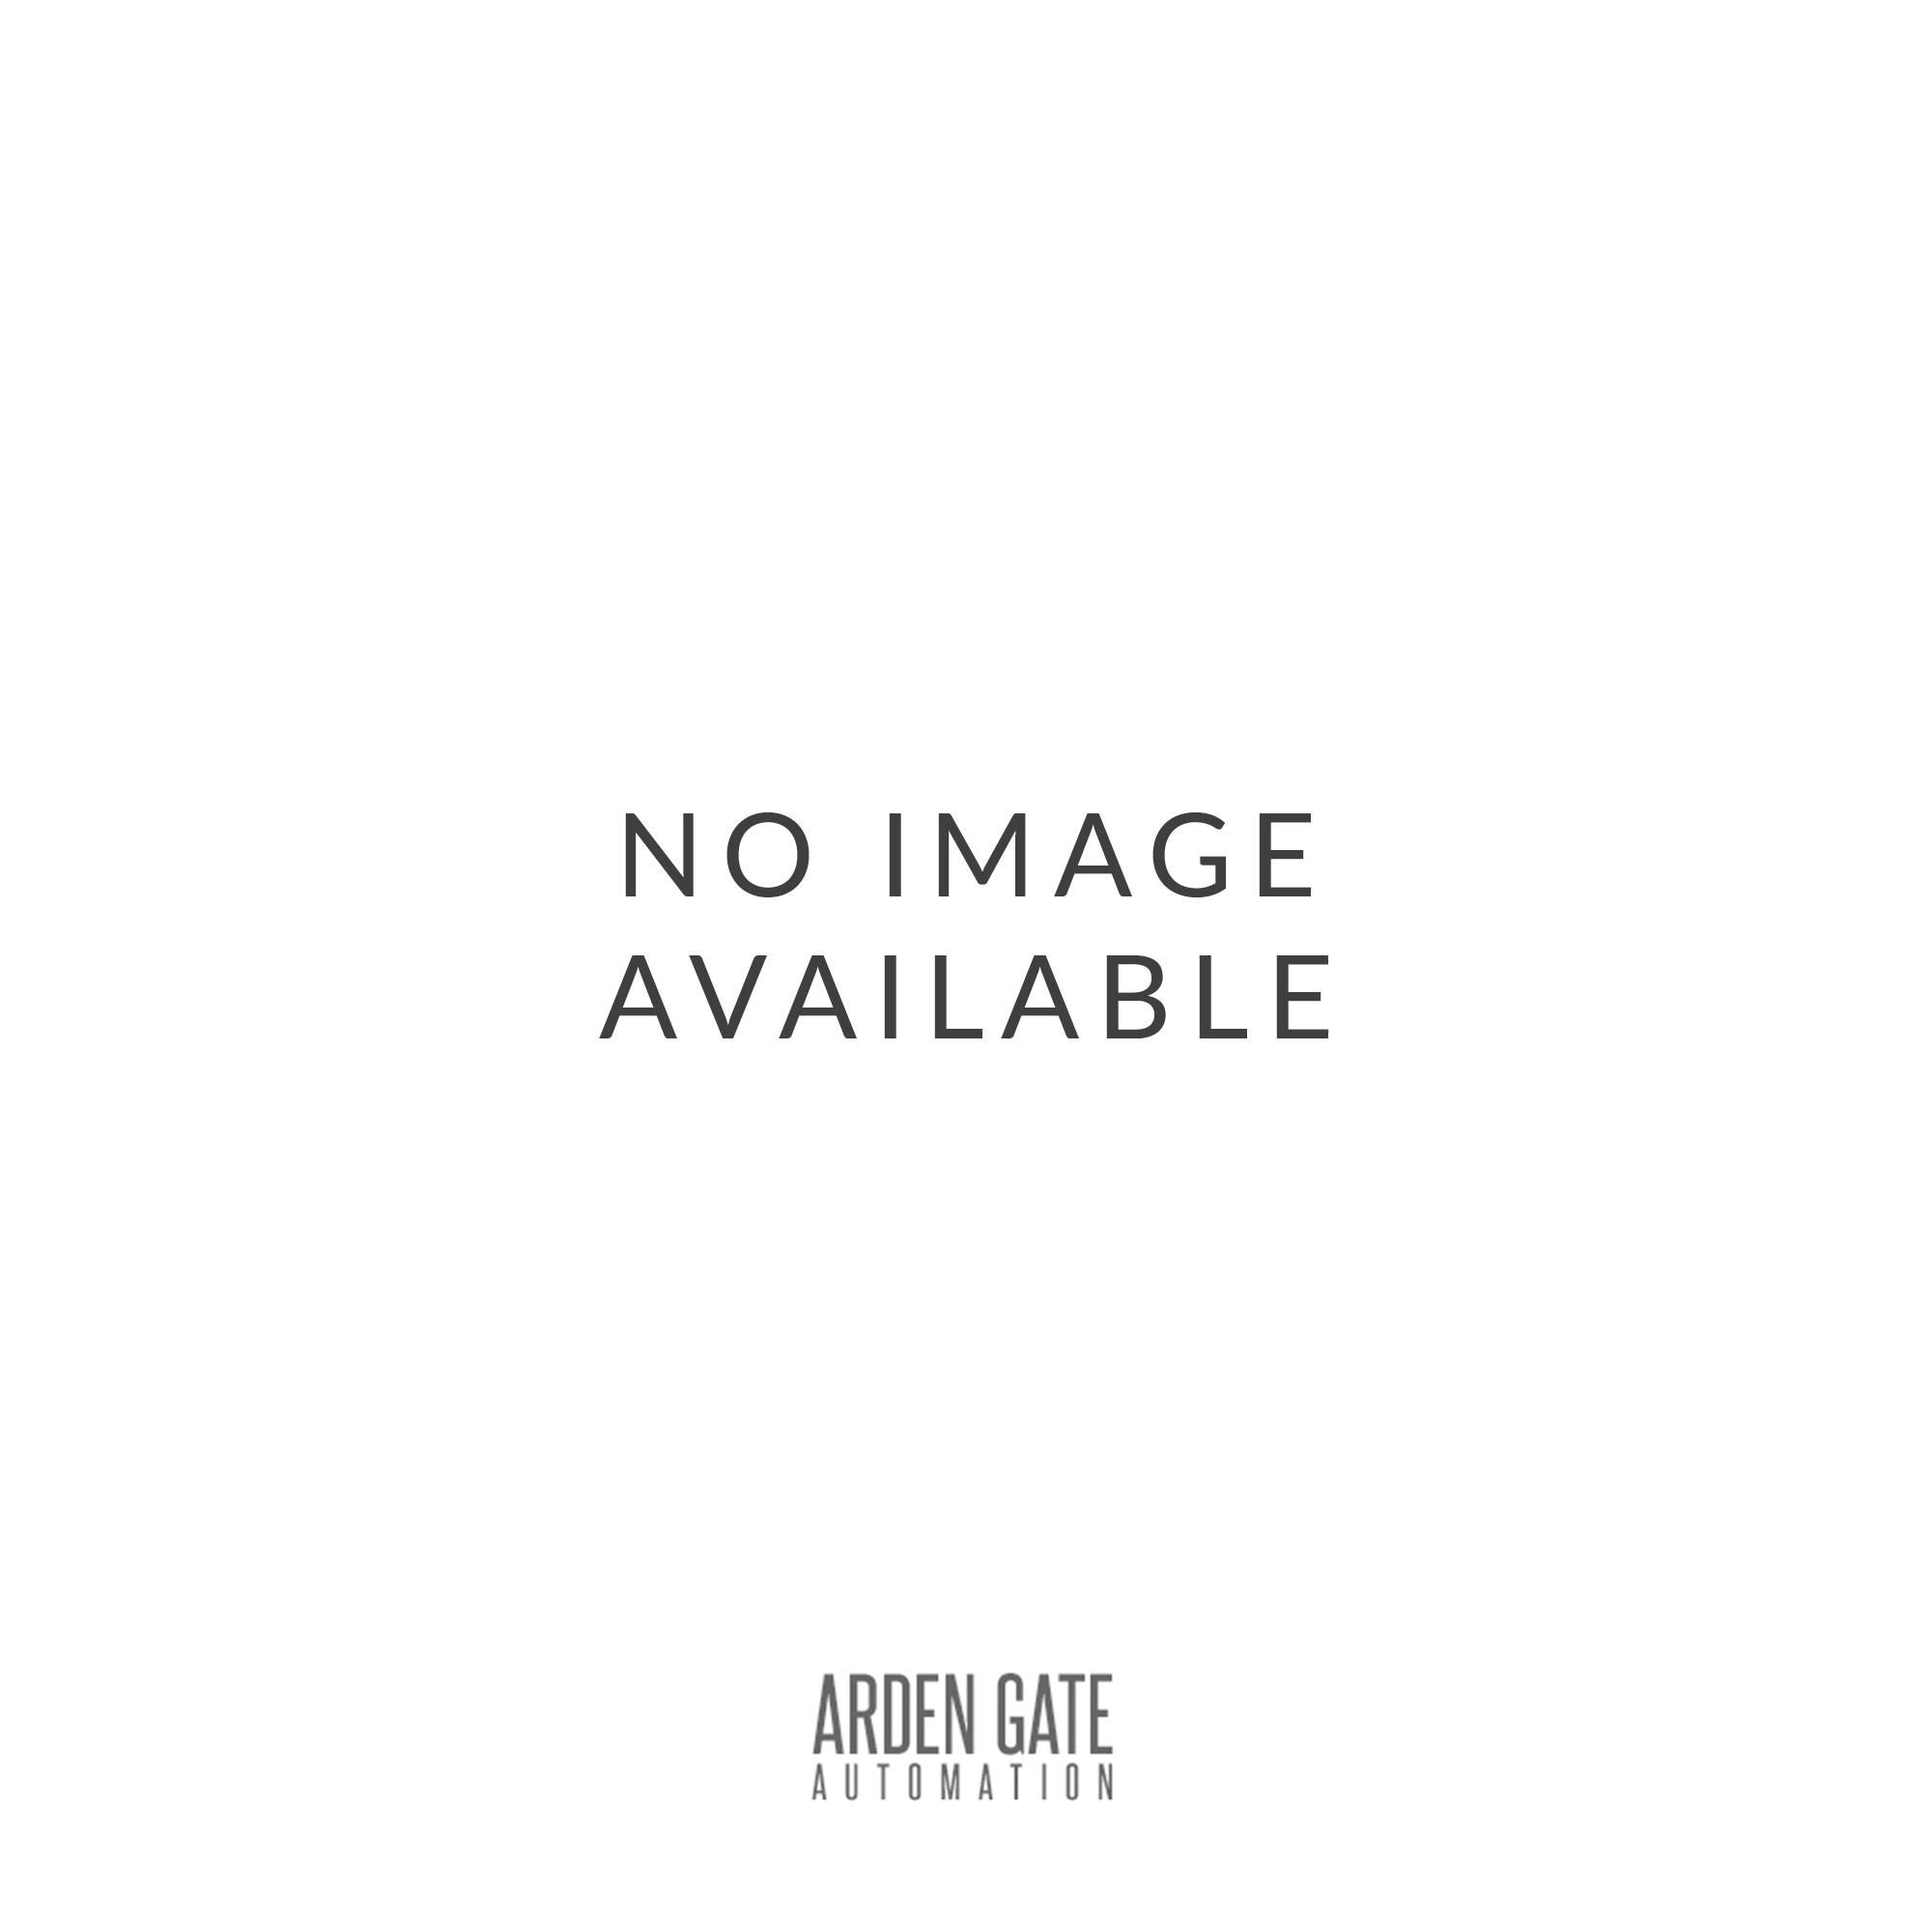 SUB E R Hydraulic motor (LH or RH motor)